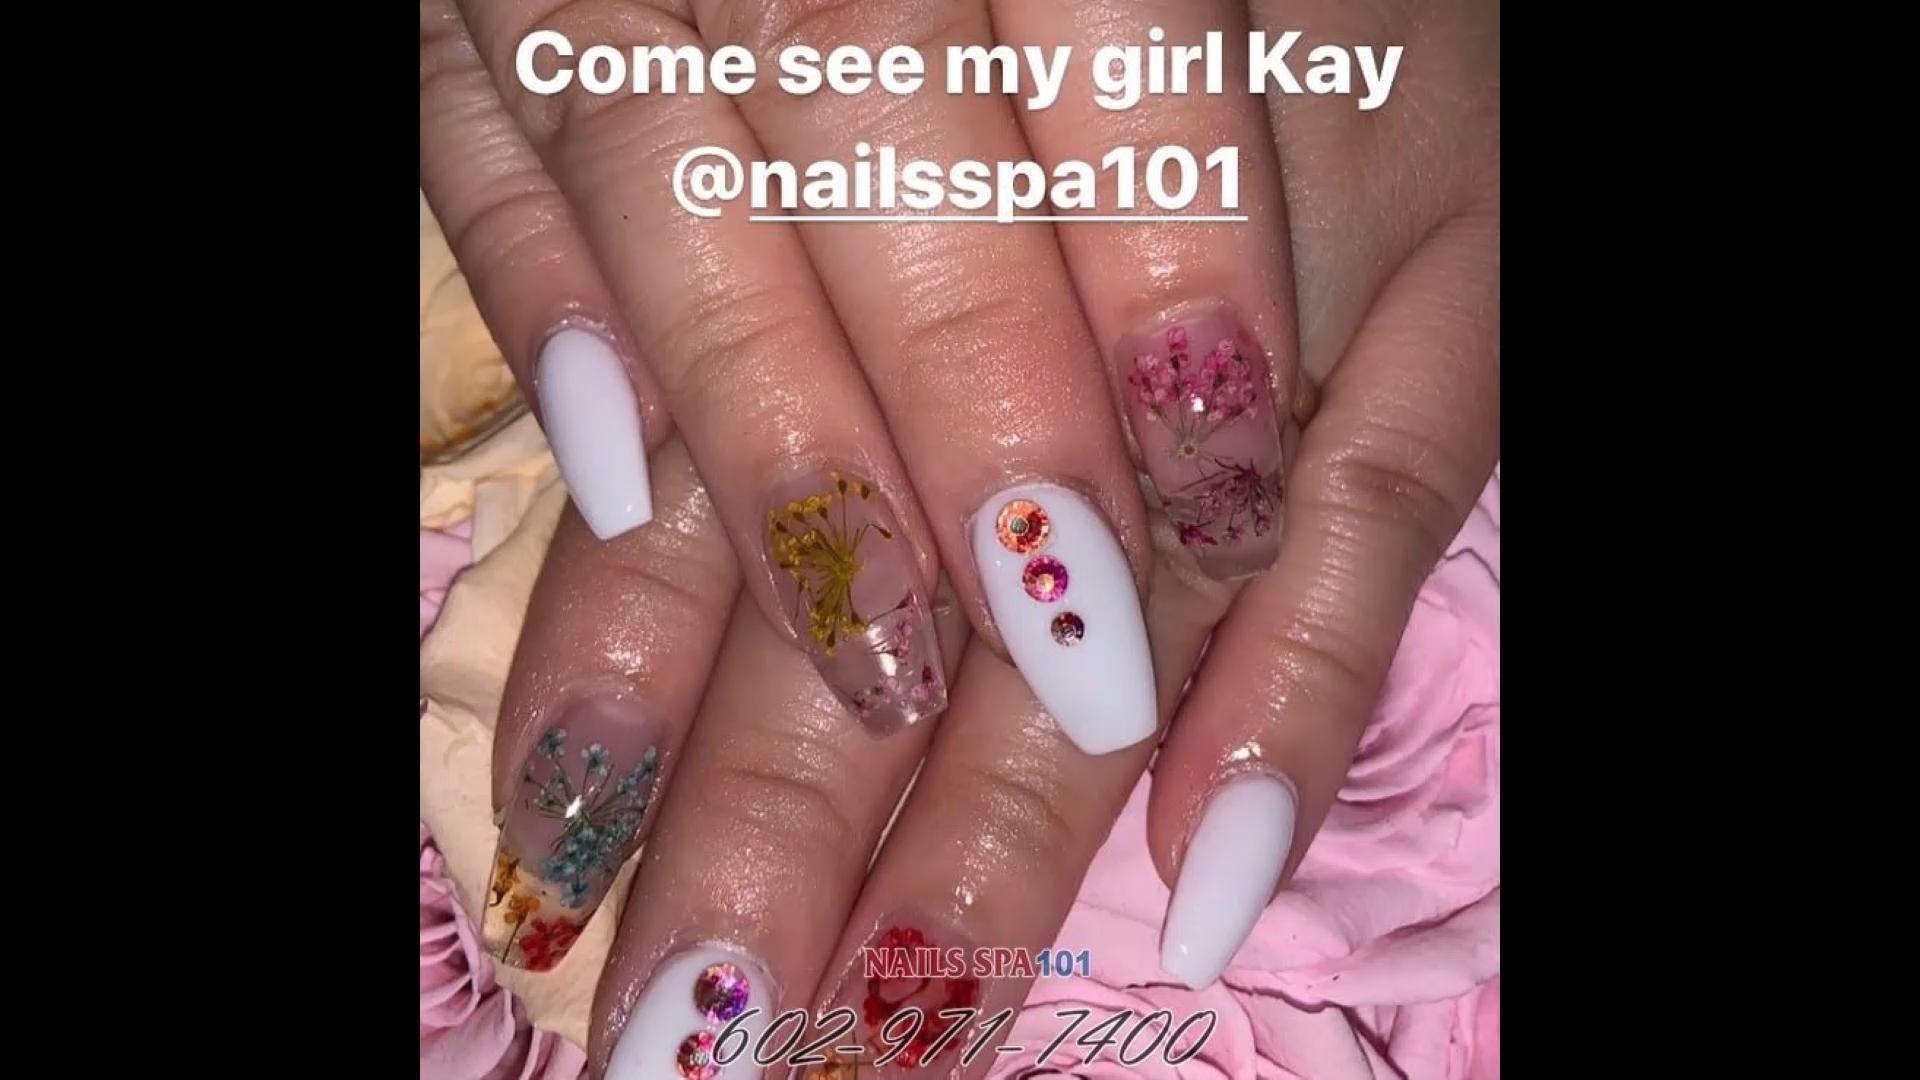 Nail Salon 85032 Nails Spa 101 Phoenix Az 85032 Video Summer Nails Nails Nail Designs